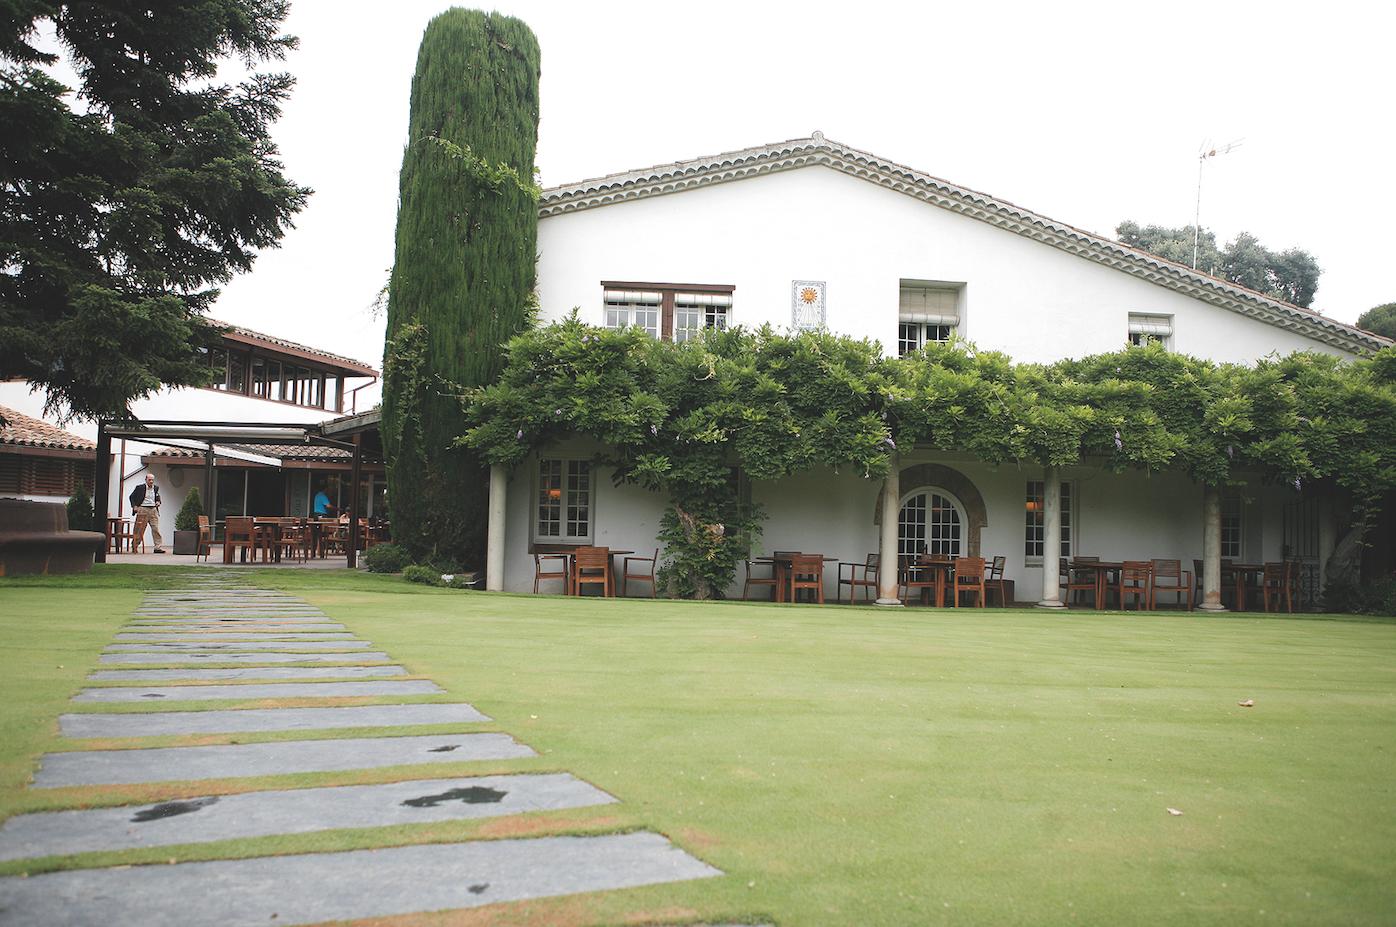 El camp de golf va ser inaugurat fa poc més d'un segle per industrials anglesos FOTO: Artur Ribera